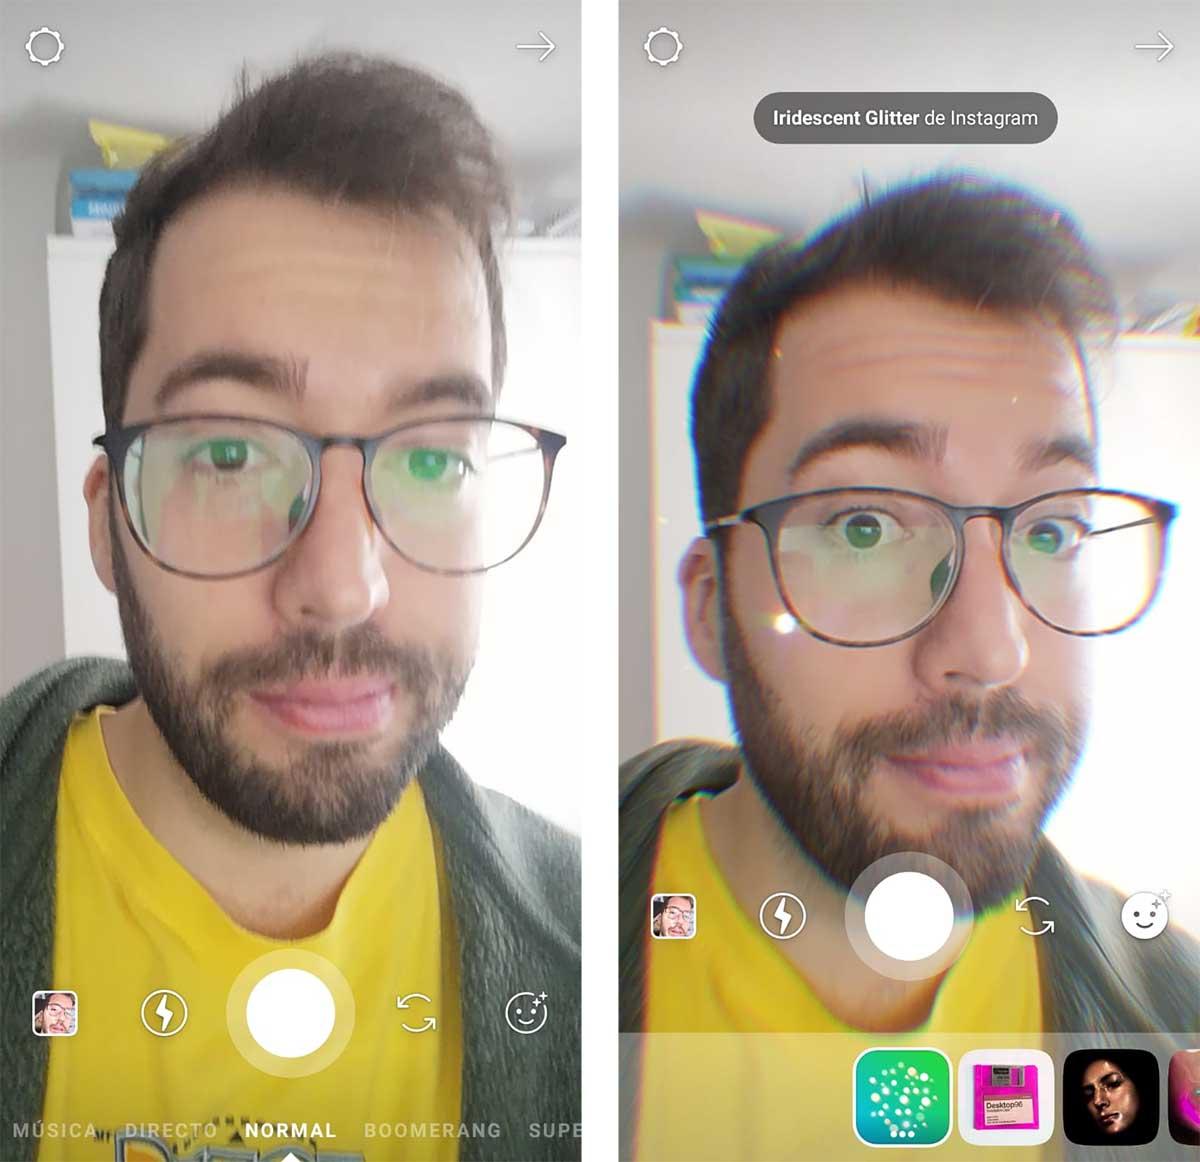 6 nuevas máscaras sorprendentes para usar en Instagram Stories